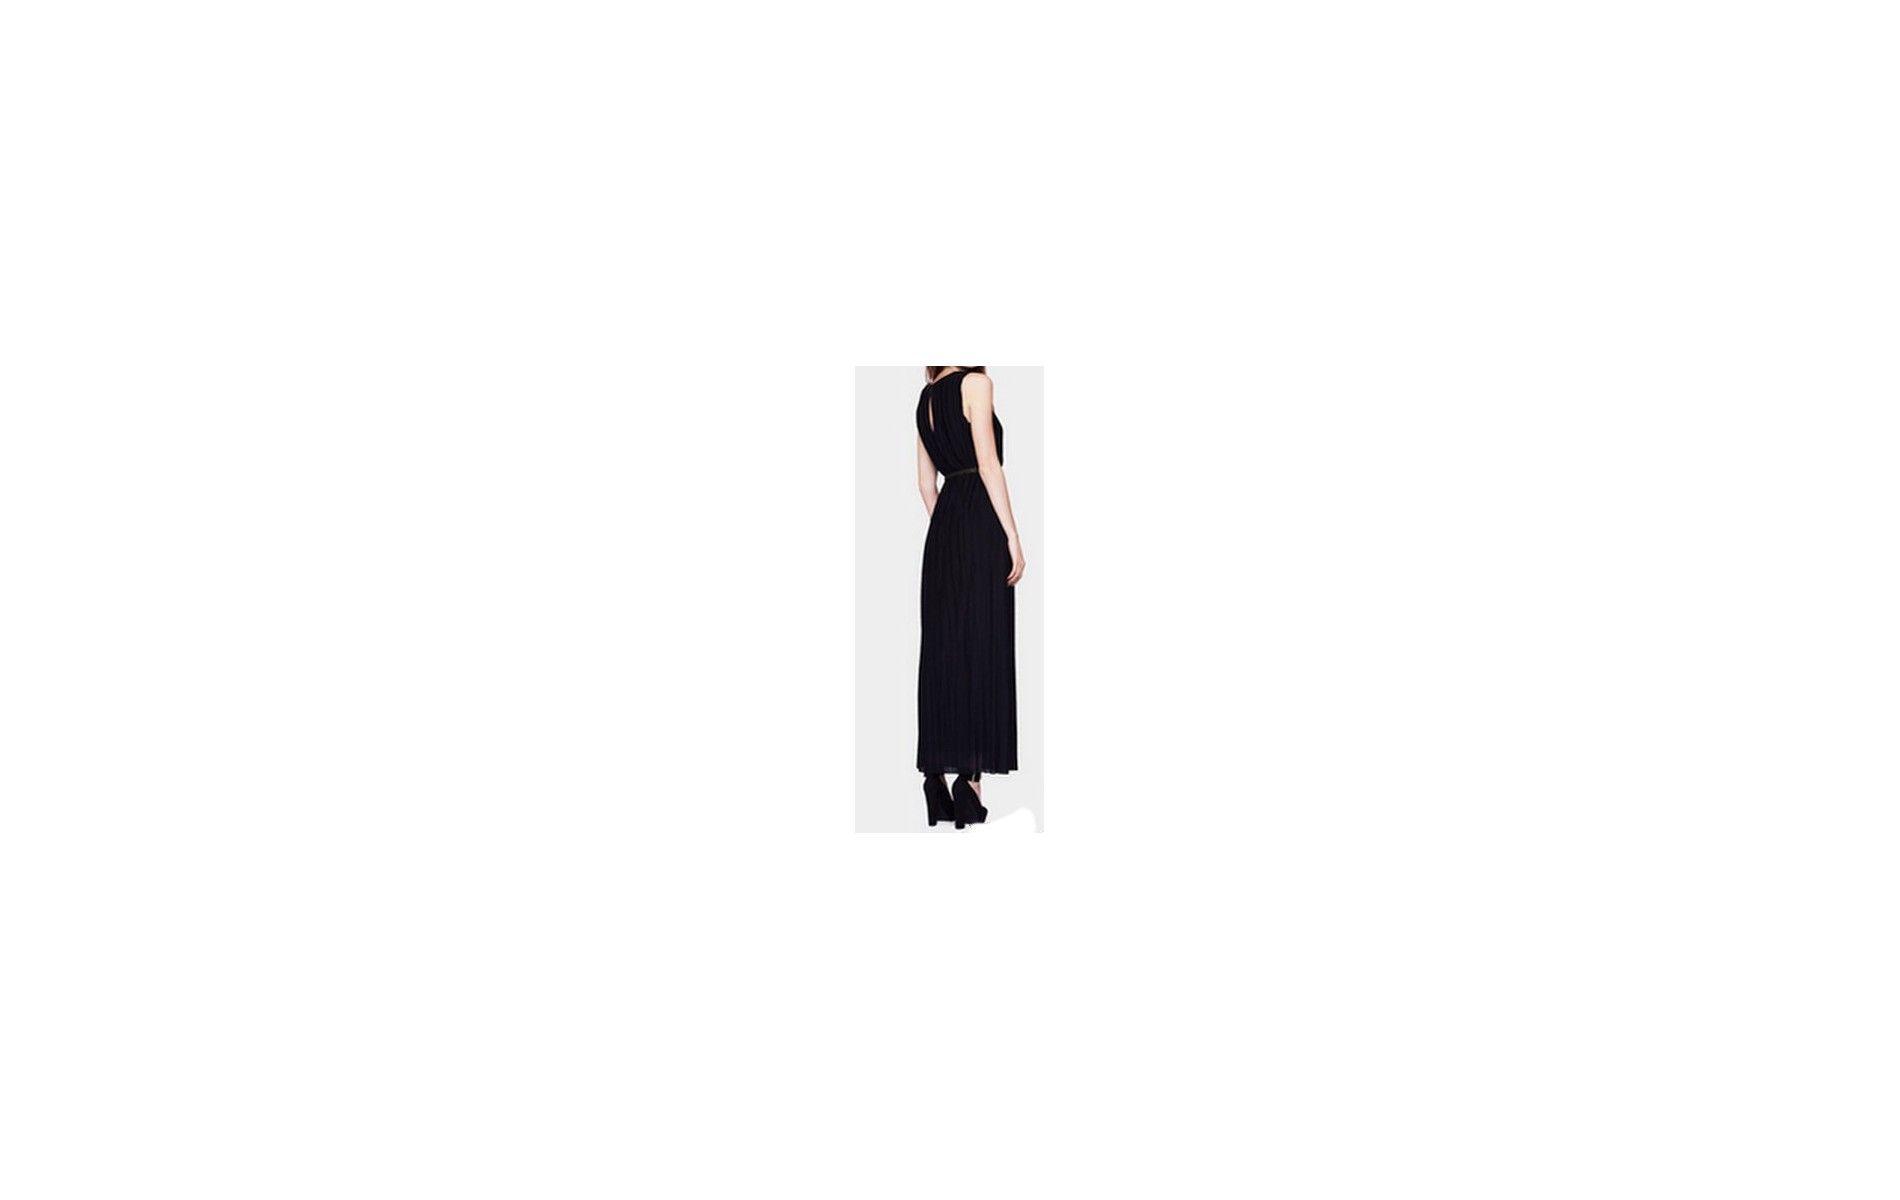 Új Definitions Cimkés öves Maxi ruha 48-as - Alkalmi egész ruha - XLruha  Molett használt duci ruha - tunika 728e8e8182